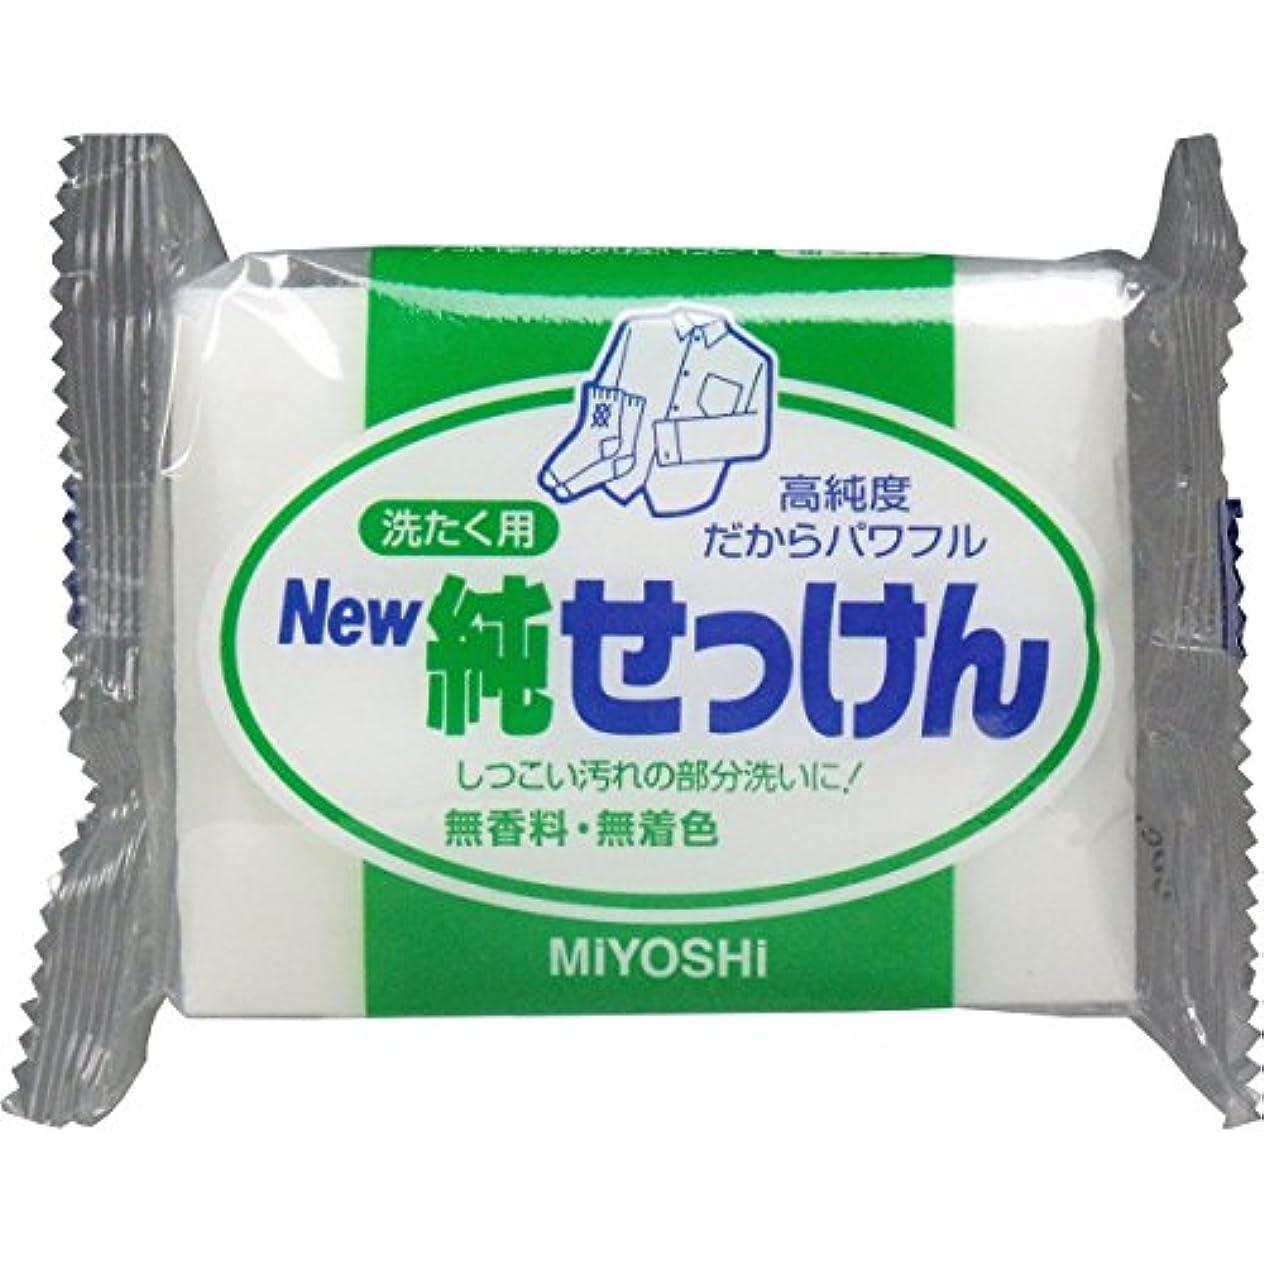 ニュー純せっけん [ヘルスケア&ケア用品]